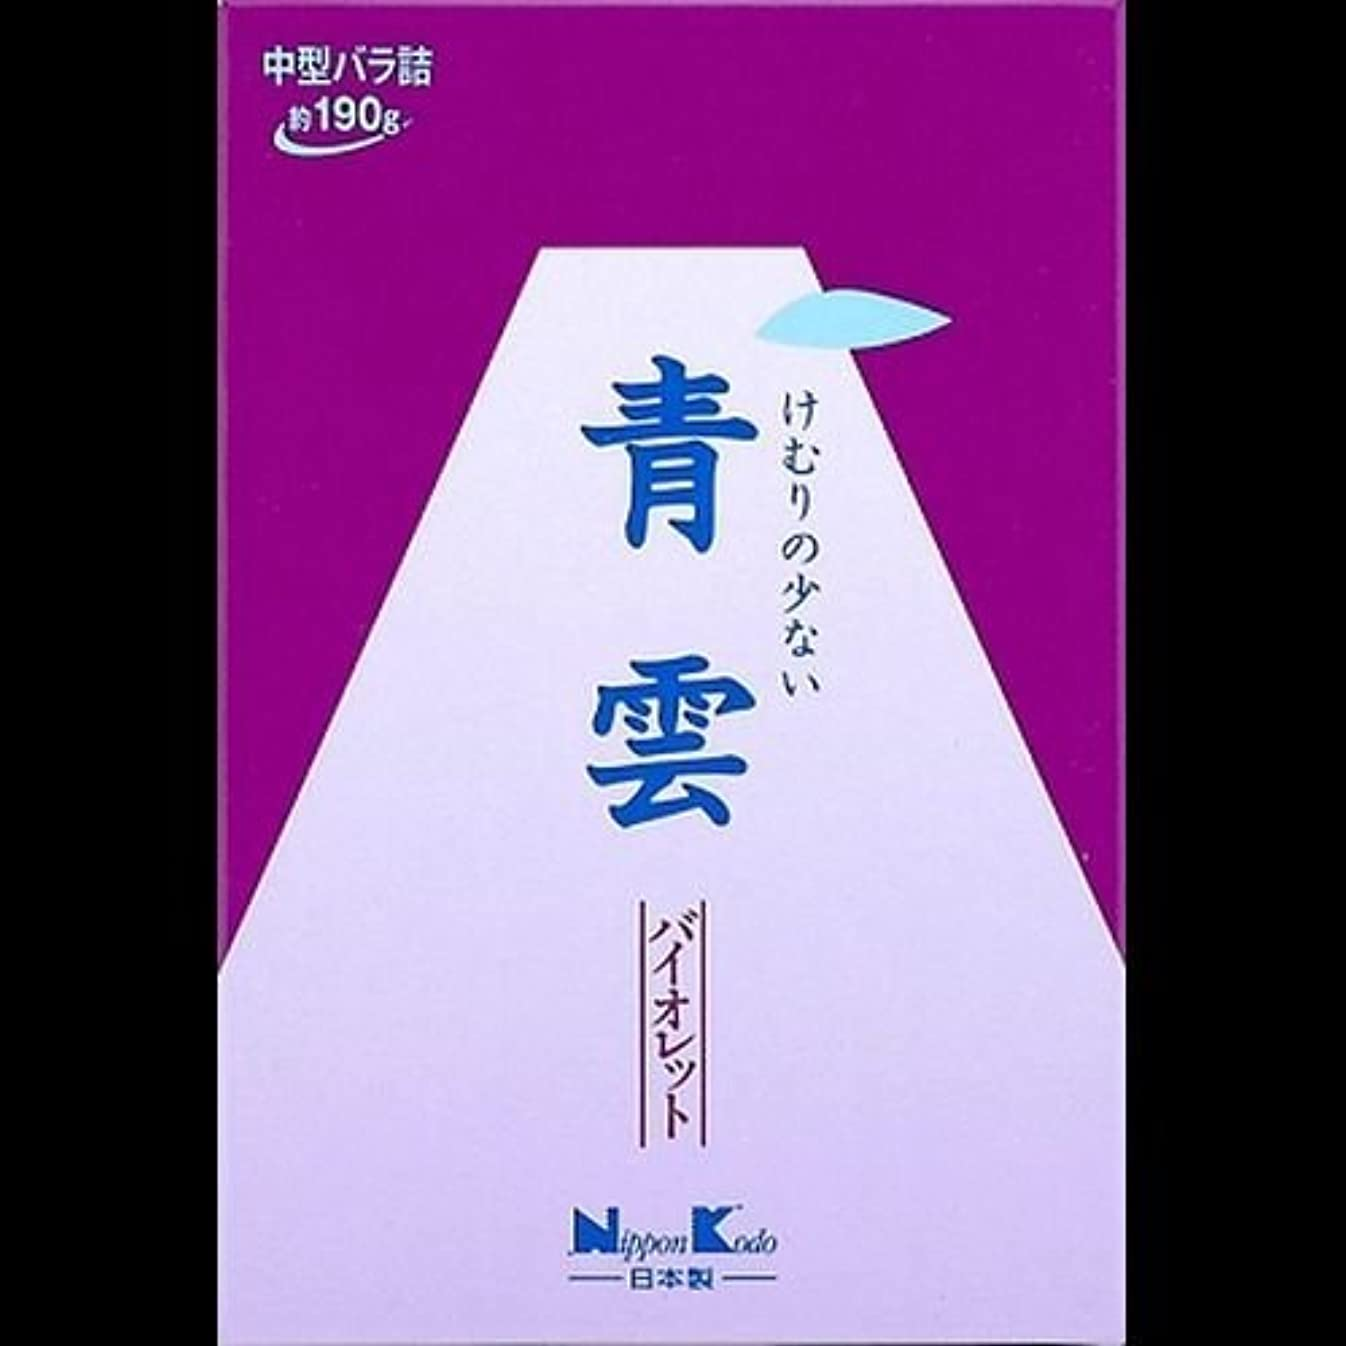 独立した世界的にコードレス【まとめ買い】青雲 バイオレット中型バラ詰 ×2セット